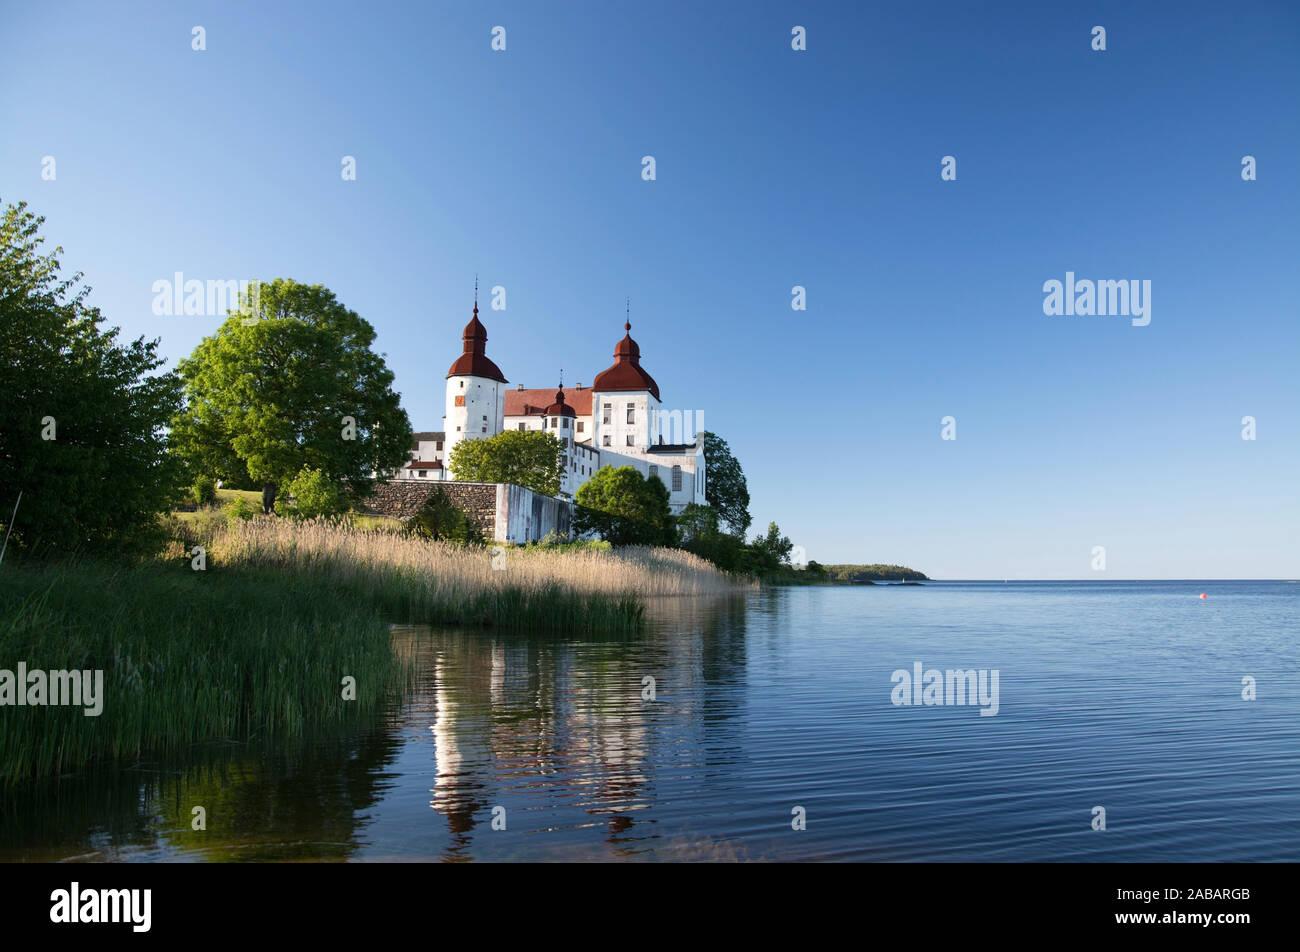 Schloss Läckö en Västergötland auf der Insel im Kallandsö Vänern gehört zu den Barockschlössern Schwedens. Foto de stock